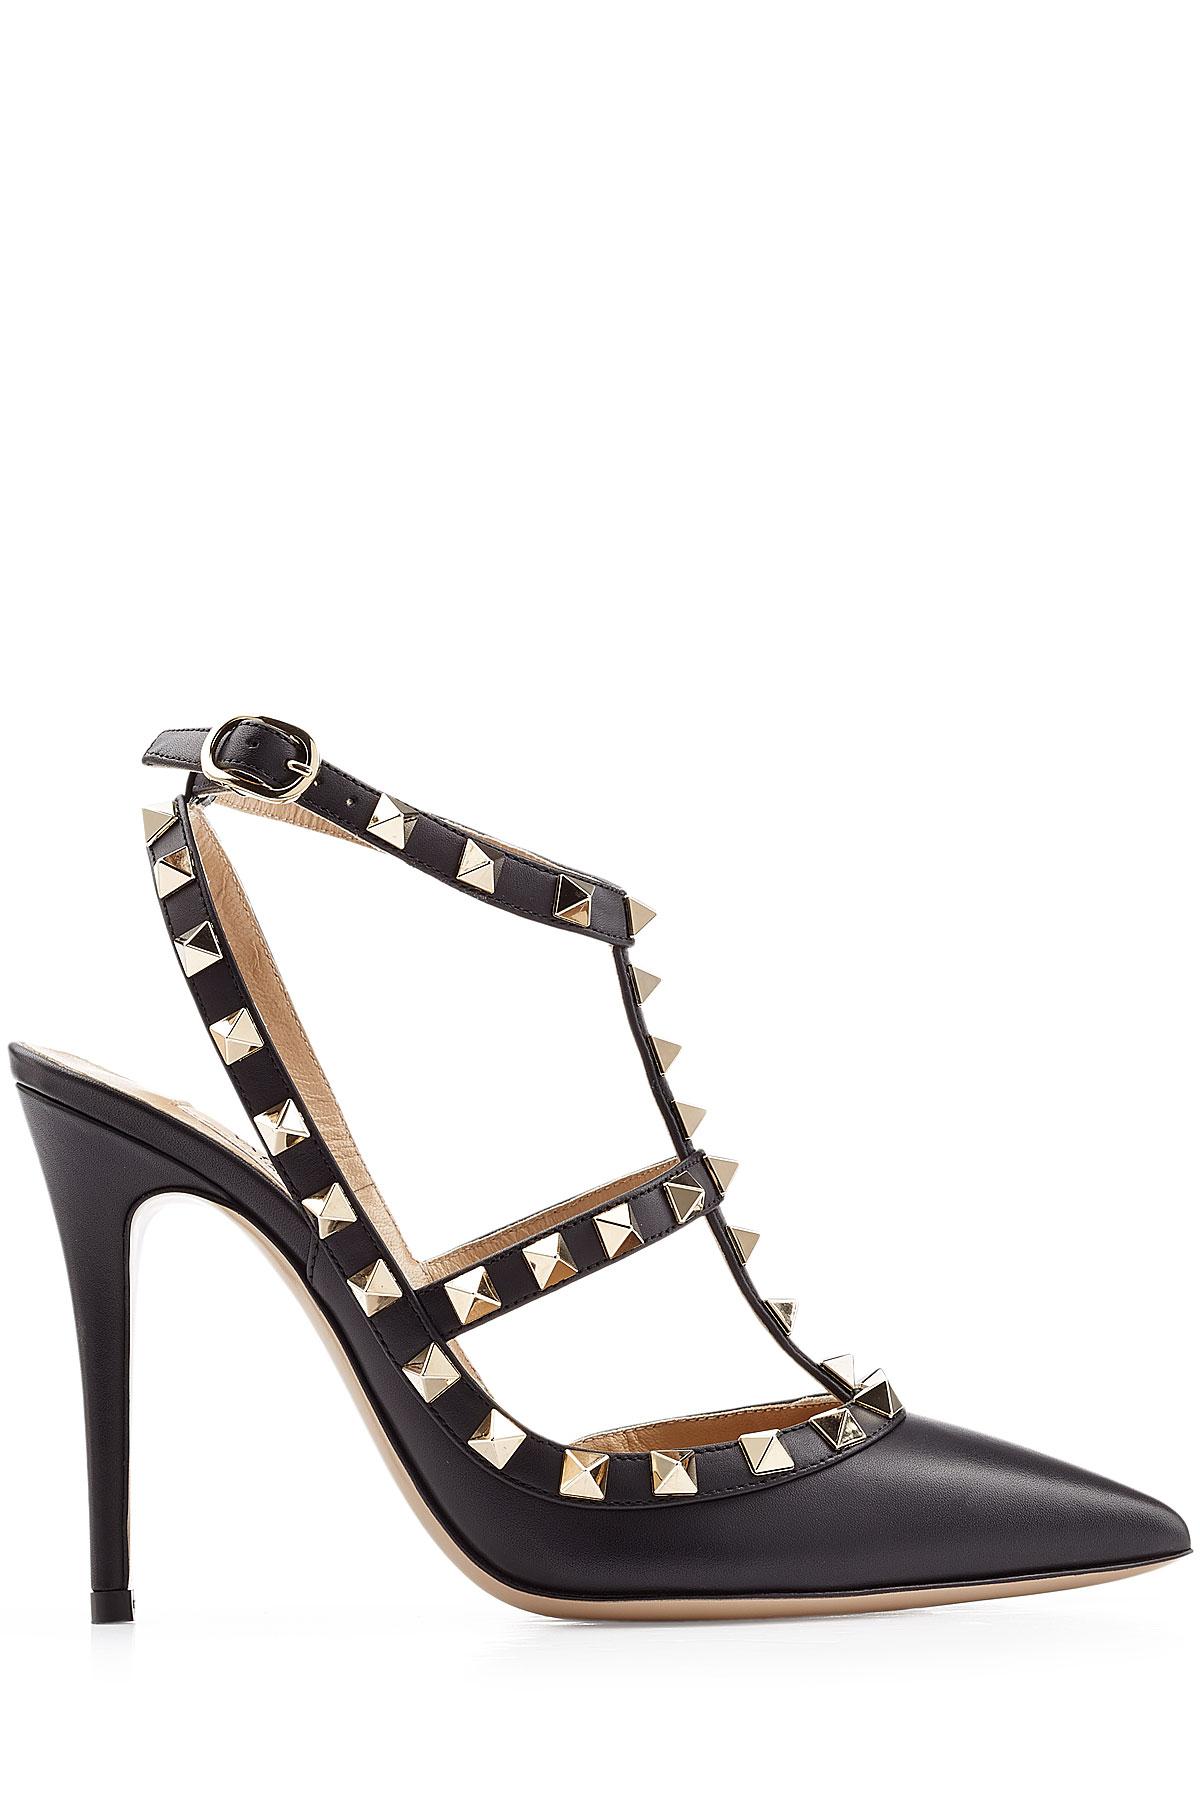 lyst valentino rockstud leather pumps black in black. Black Bedroom Furniture Sets. Home Design Ideas